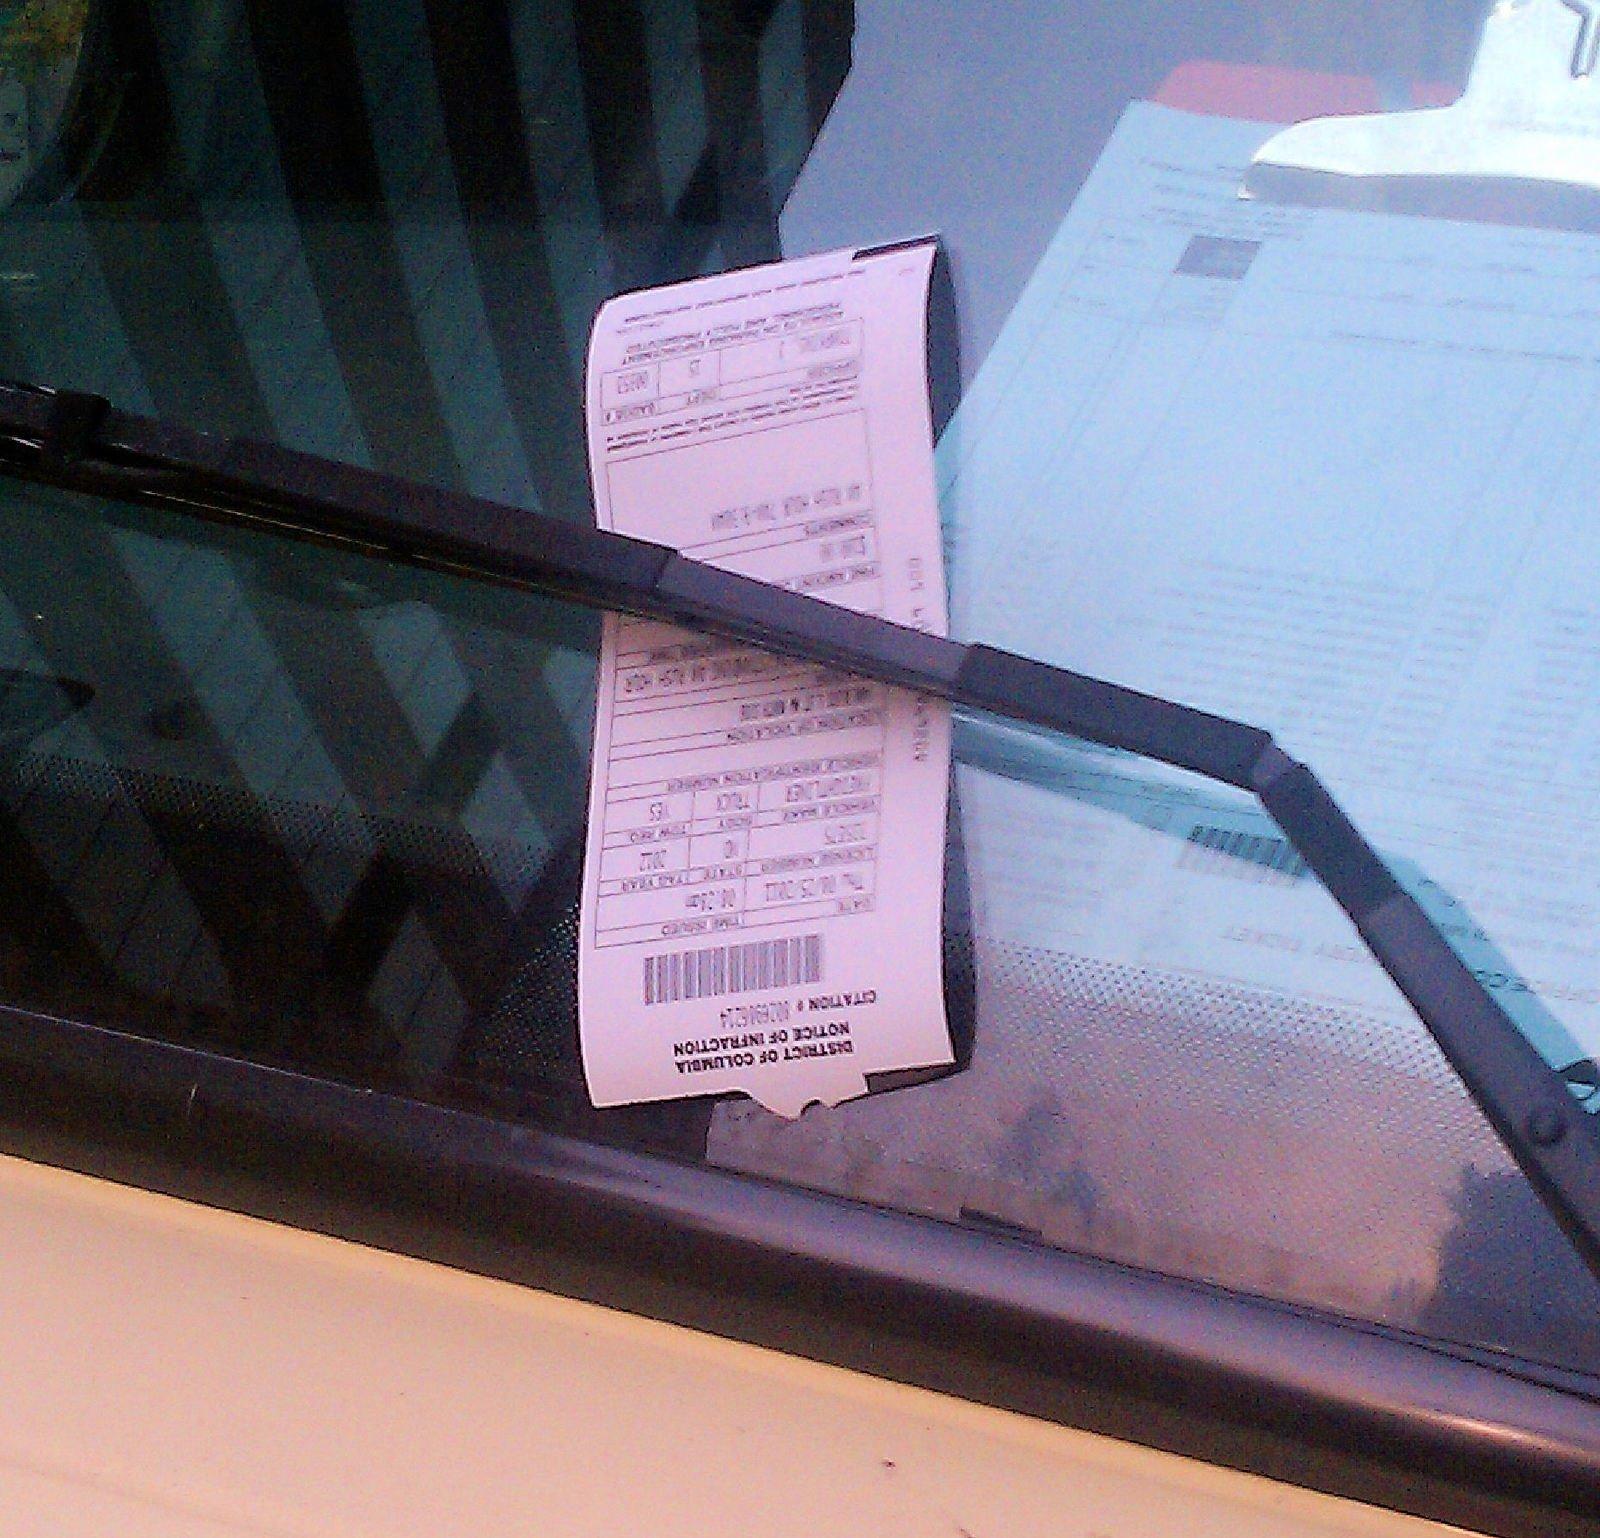 罰單不可怕,可怕的是瞎心煩 |